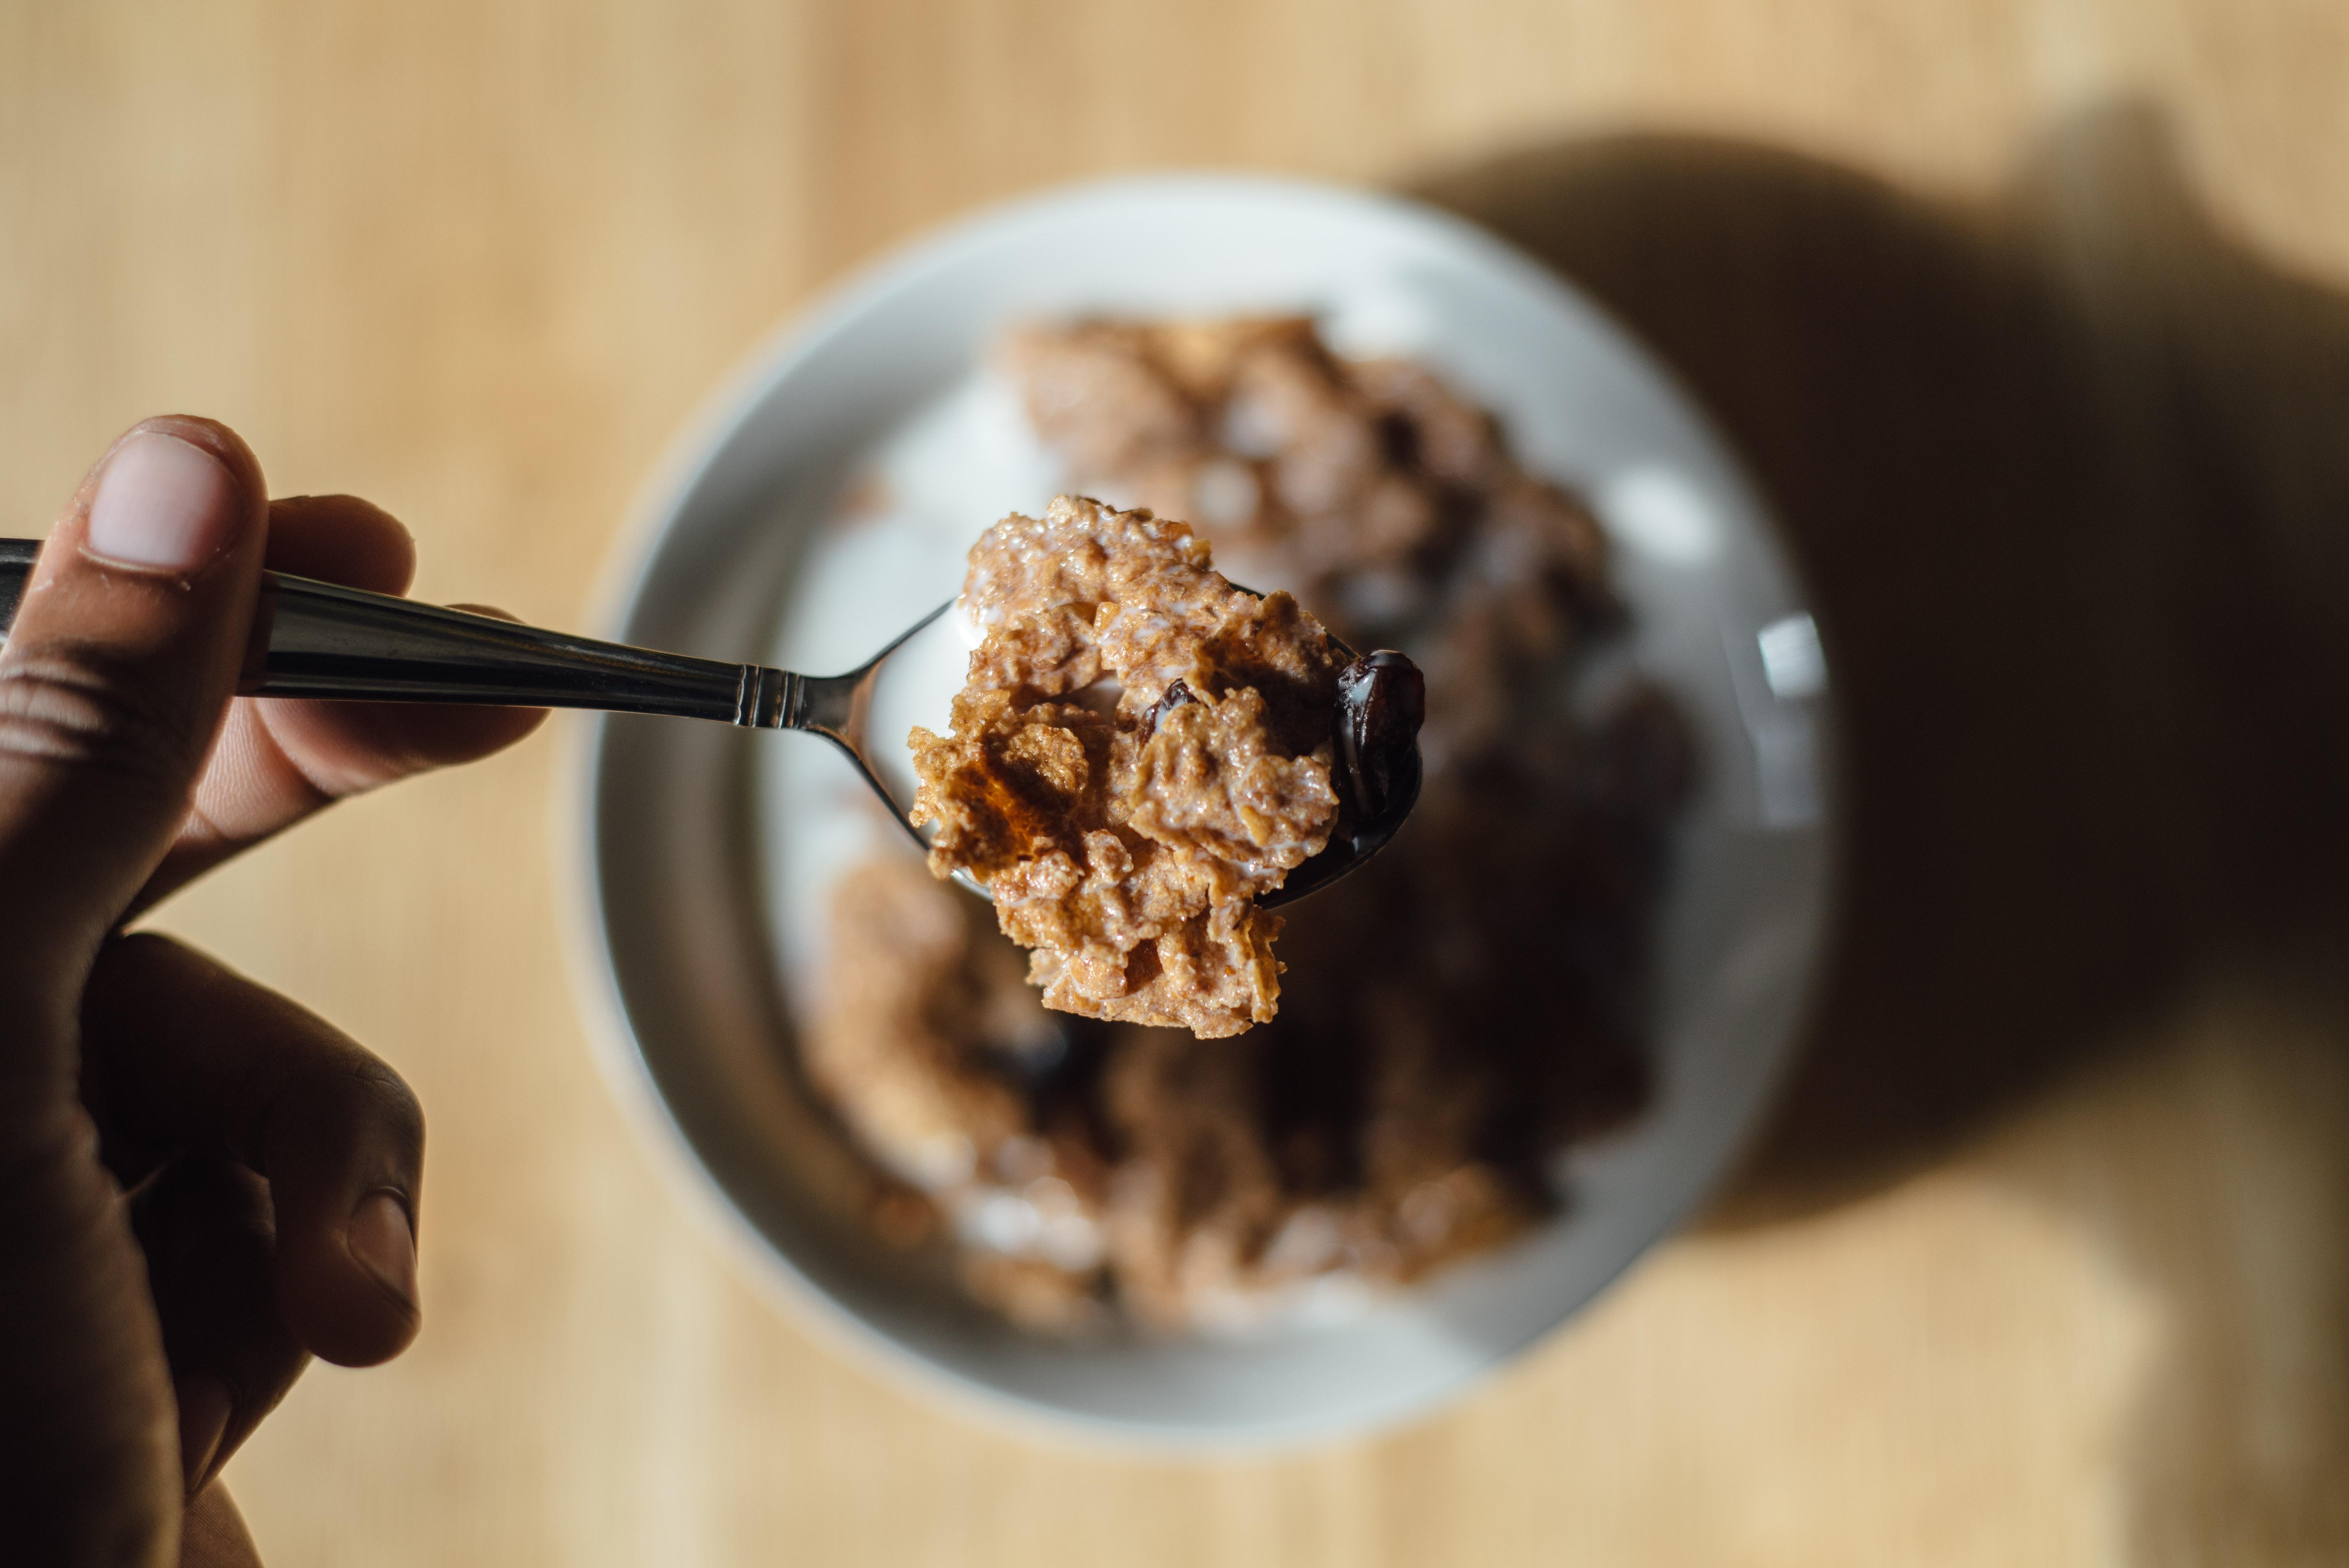 Le top 5 des meilleures céréales nutritives